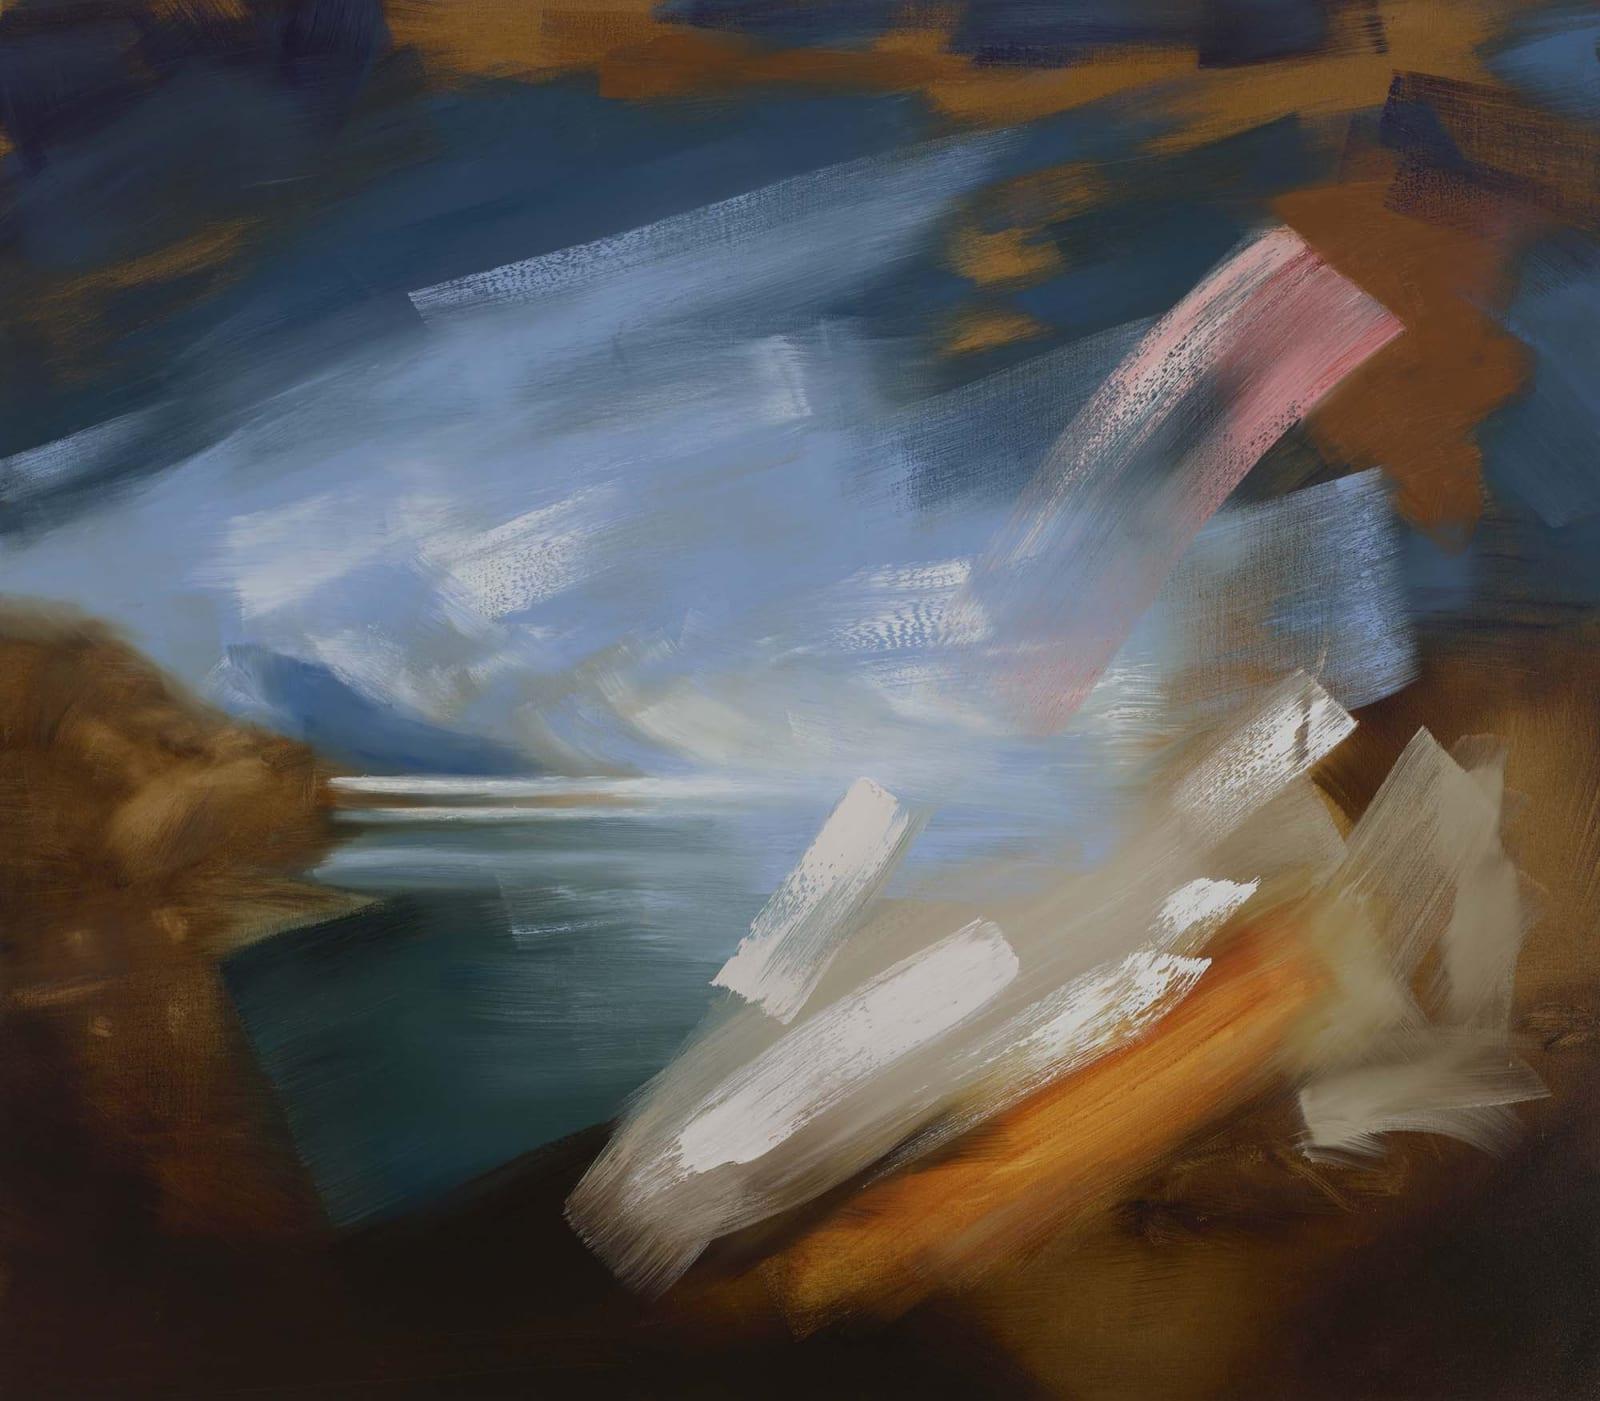 Europa (Consensual) oil on canvas 152cm x 135cm (60